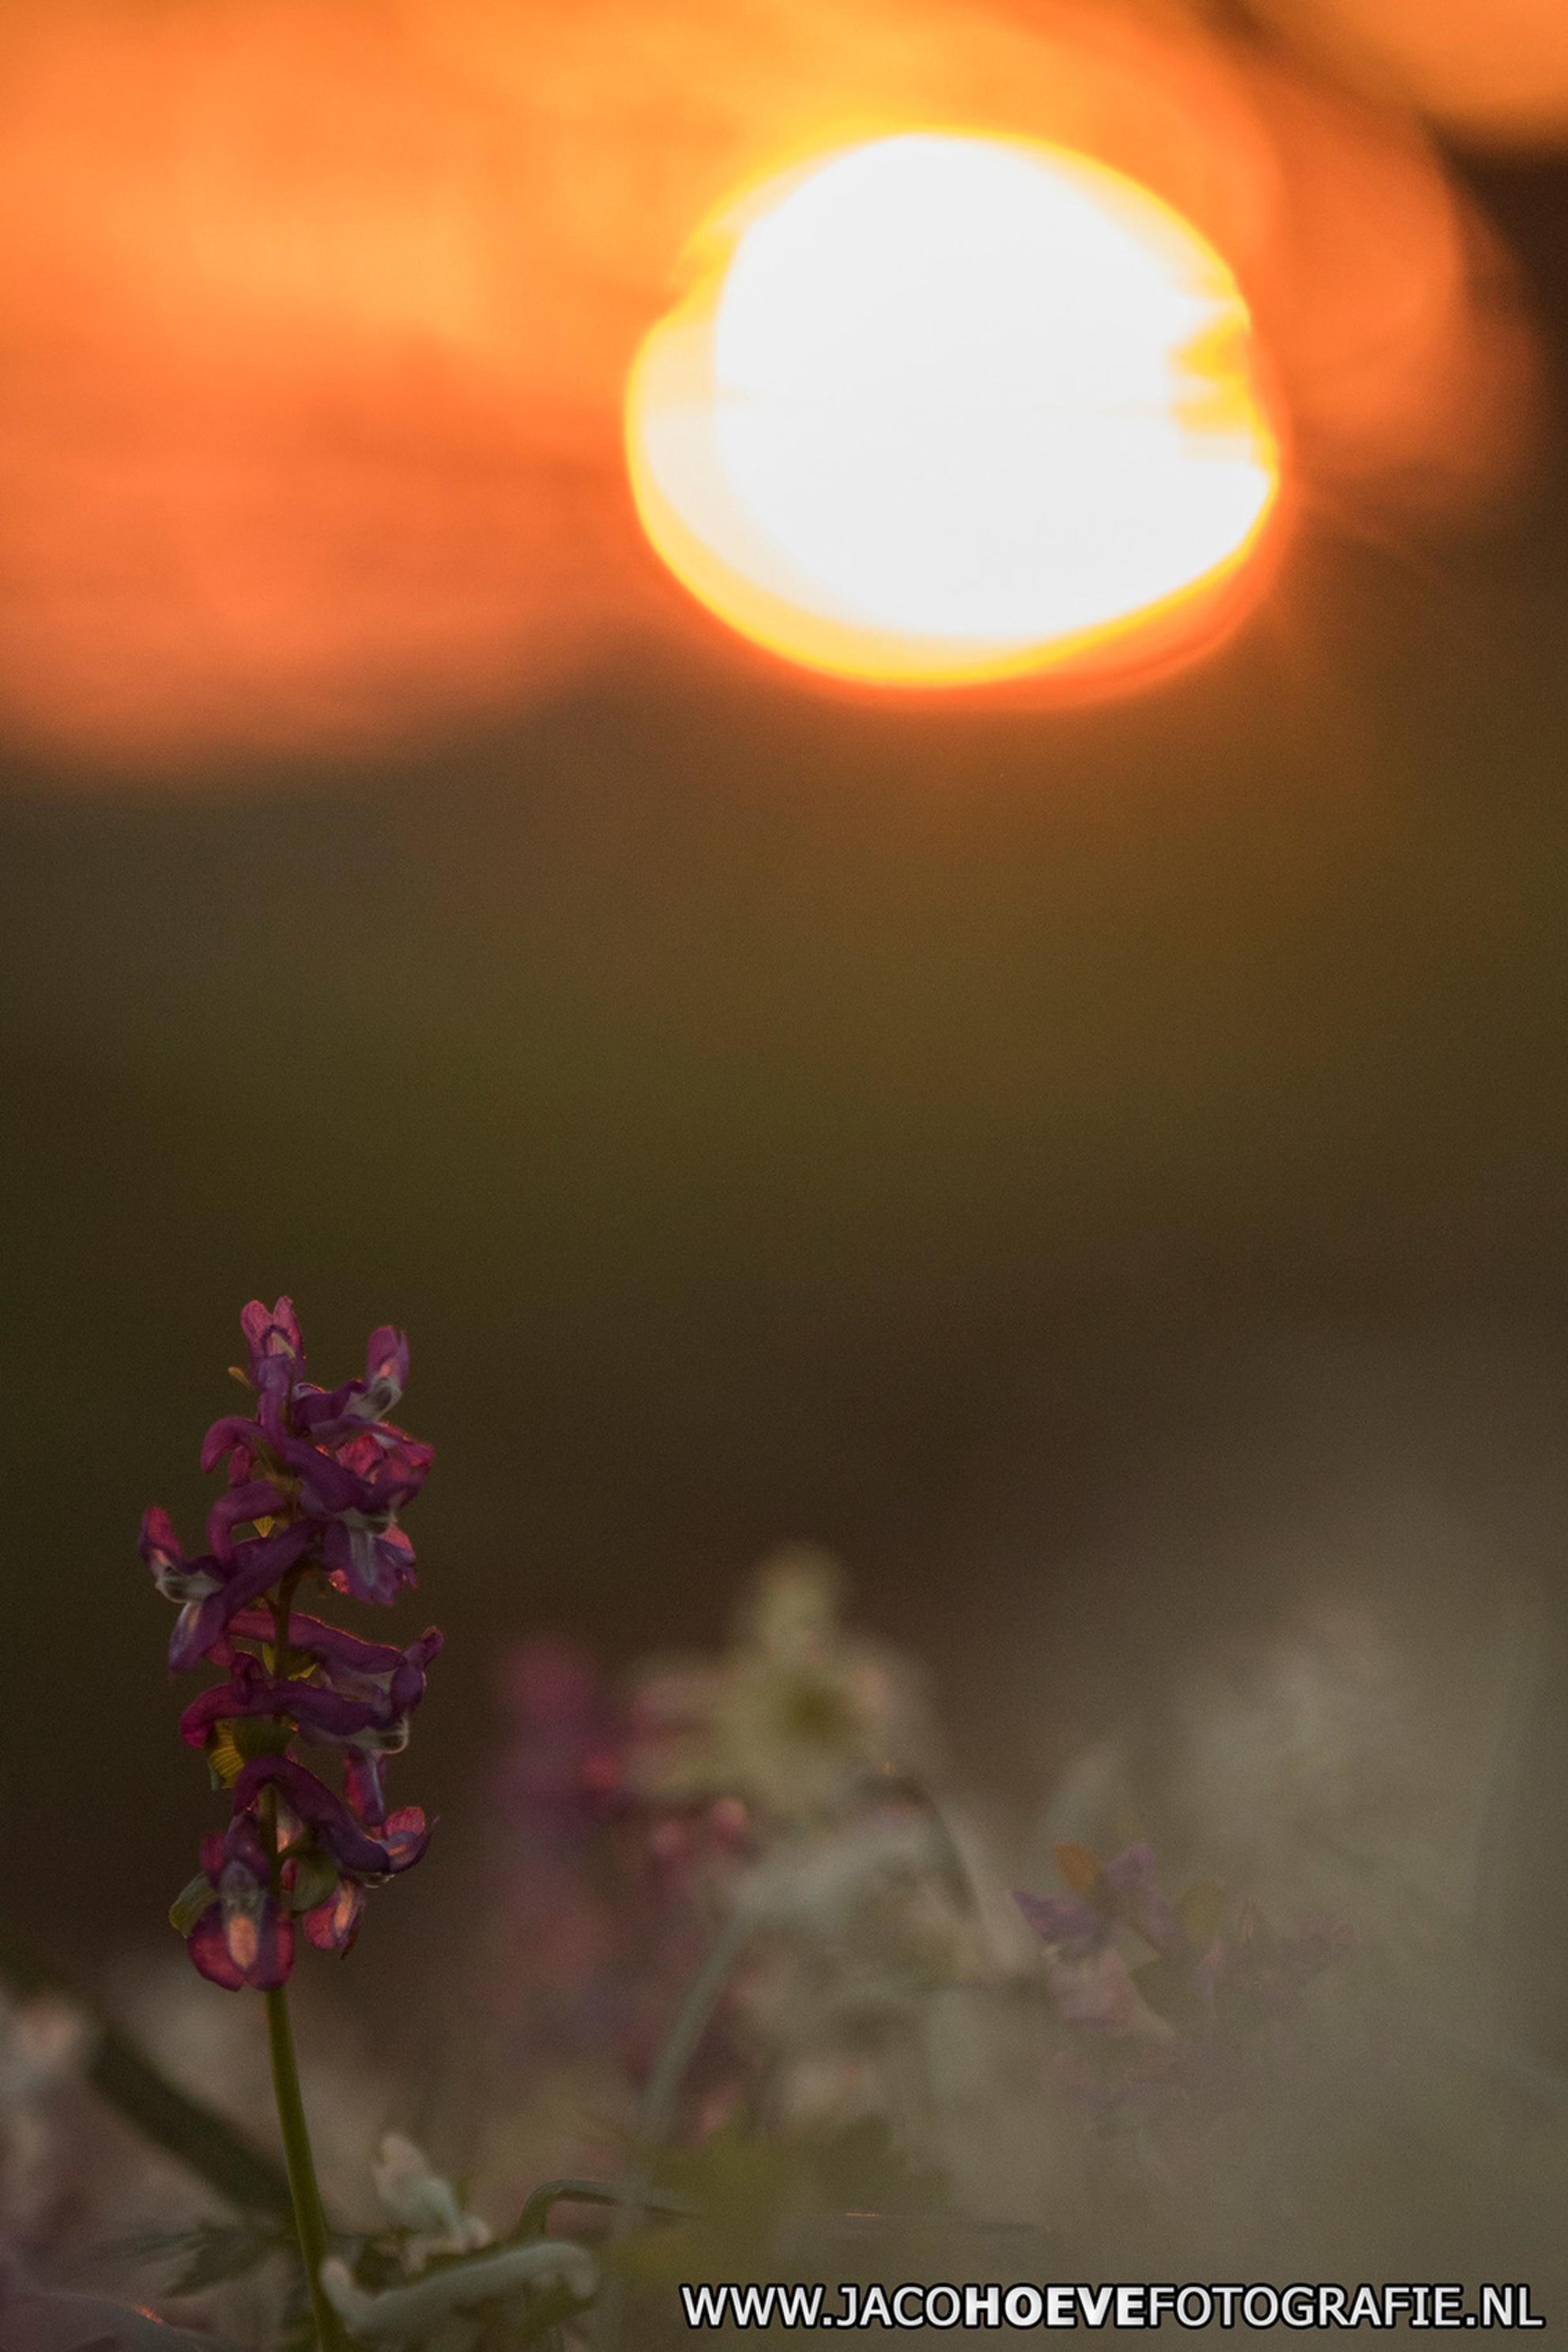 Holwortel - Wat een heerlijke avond met een schitterende zonsondergang. - foto door jacocanon op 27-03-2017 - deze foto bevat: natuur, zonsondergang, natuurfotografie, dickninge - Deze foto mag gebruikt worden in een Zoom.nl publicatie